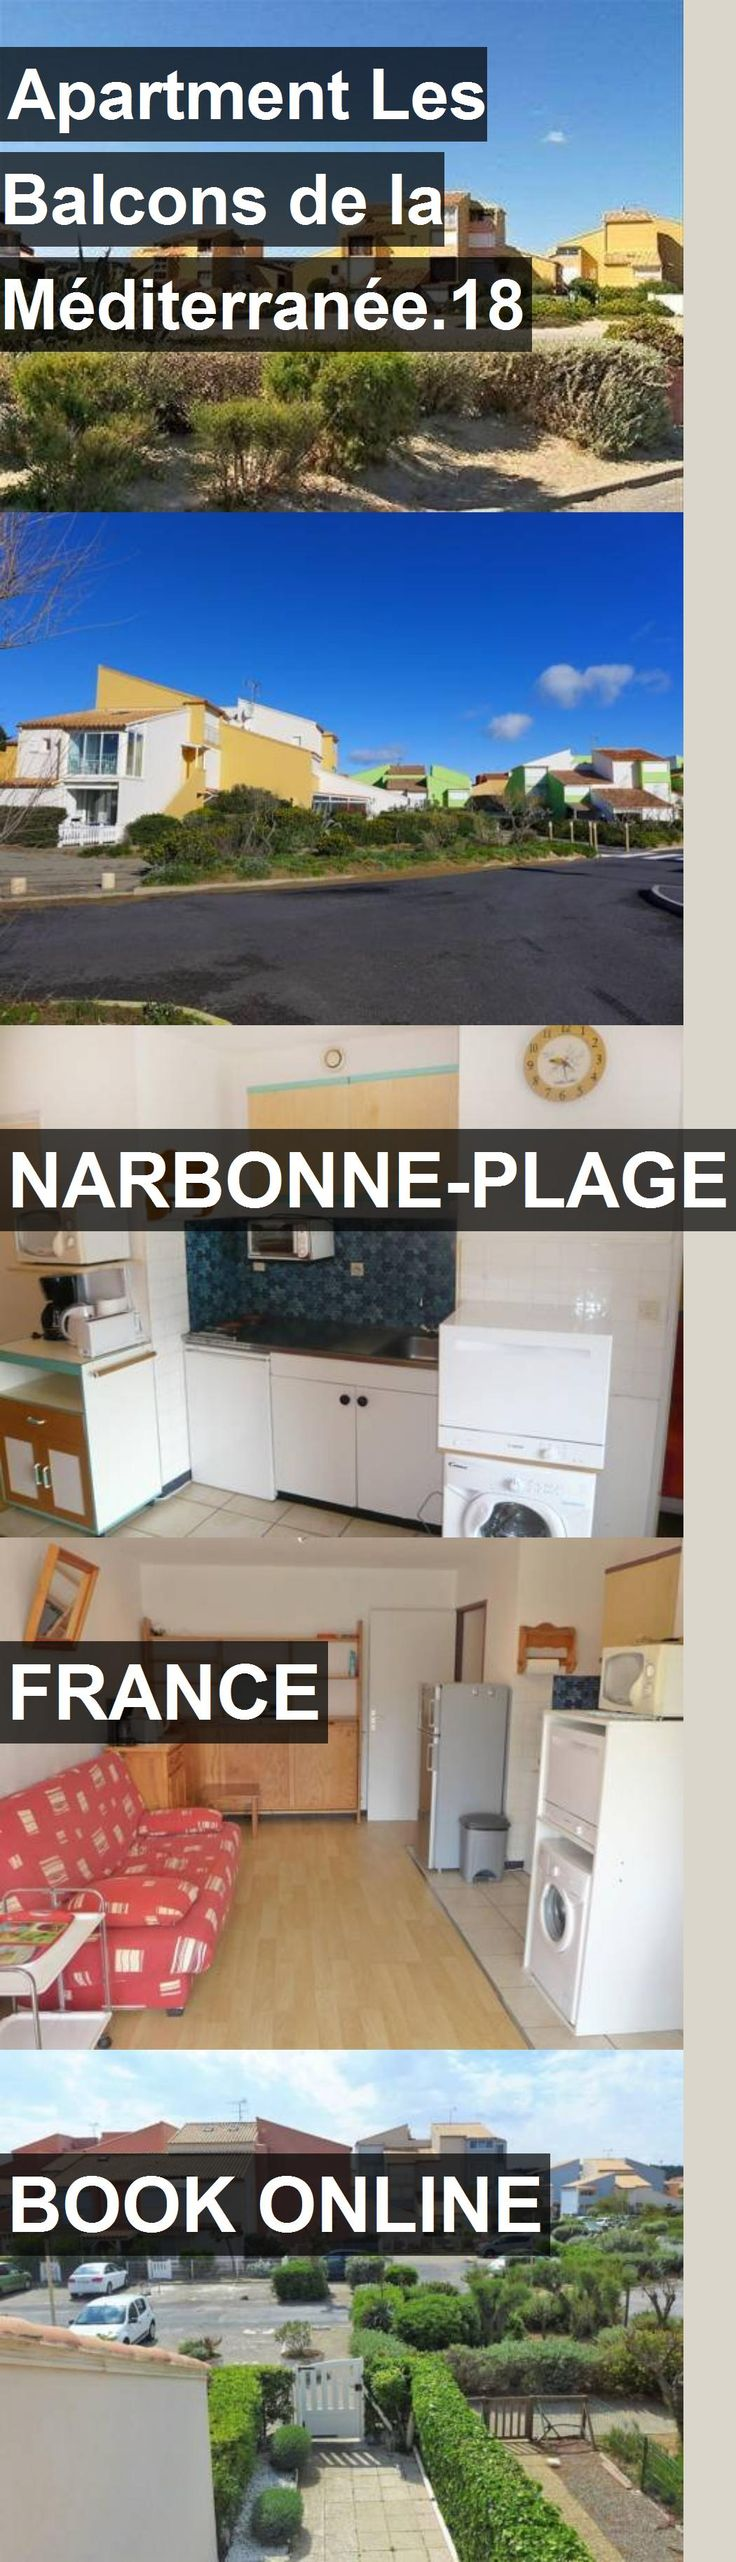 Apartment Les Balcons de la Méditerranée.18 in Narbonne-Plage, France. For more information, photos, reviews and best prices please follow the link. #France #Narbonne-Plage #travel #vacation #apartment